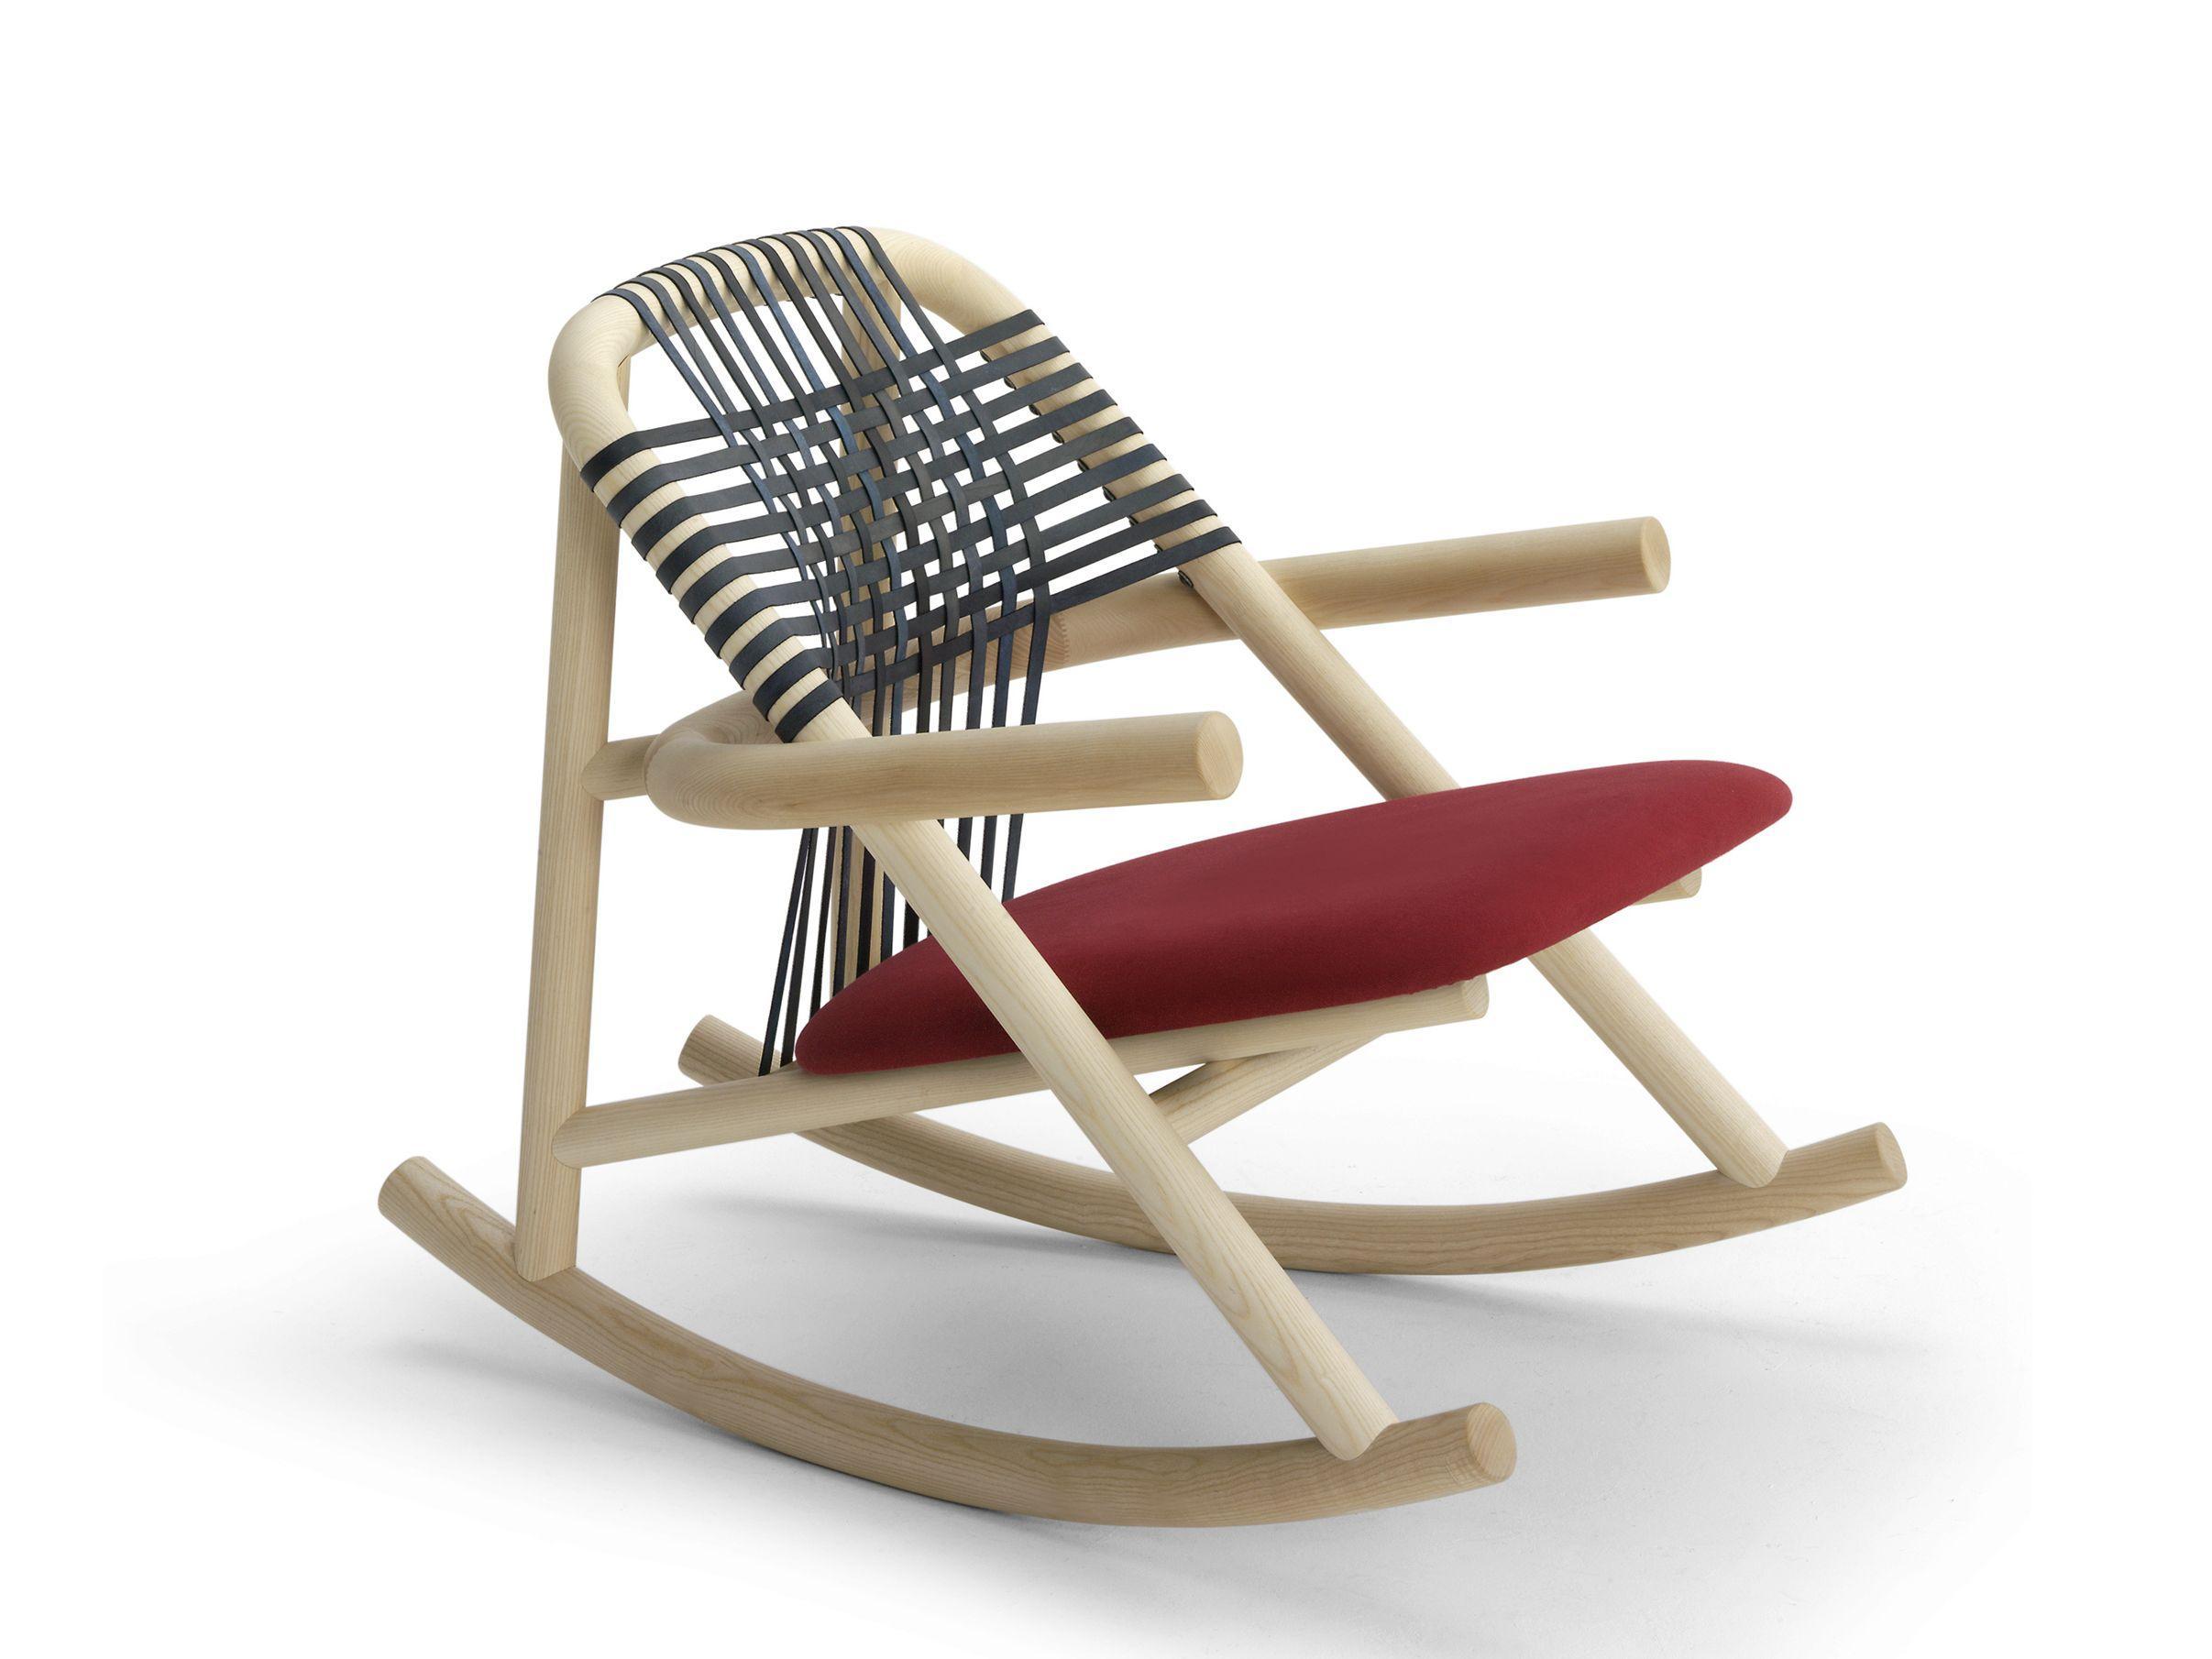 Cadeira de madeira de balanço com braços UNAM Cadeira de balanço  #7C3033 2413x1810